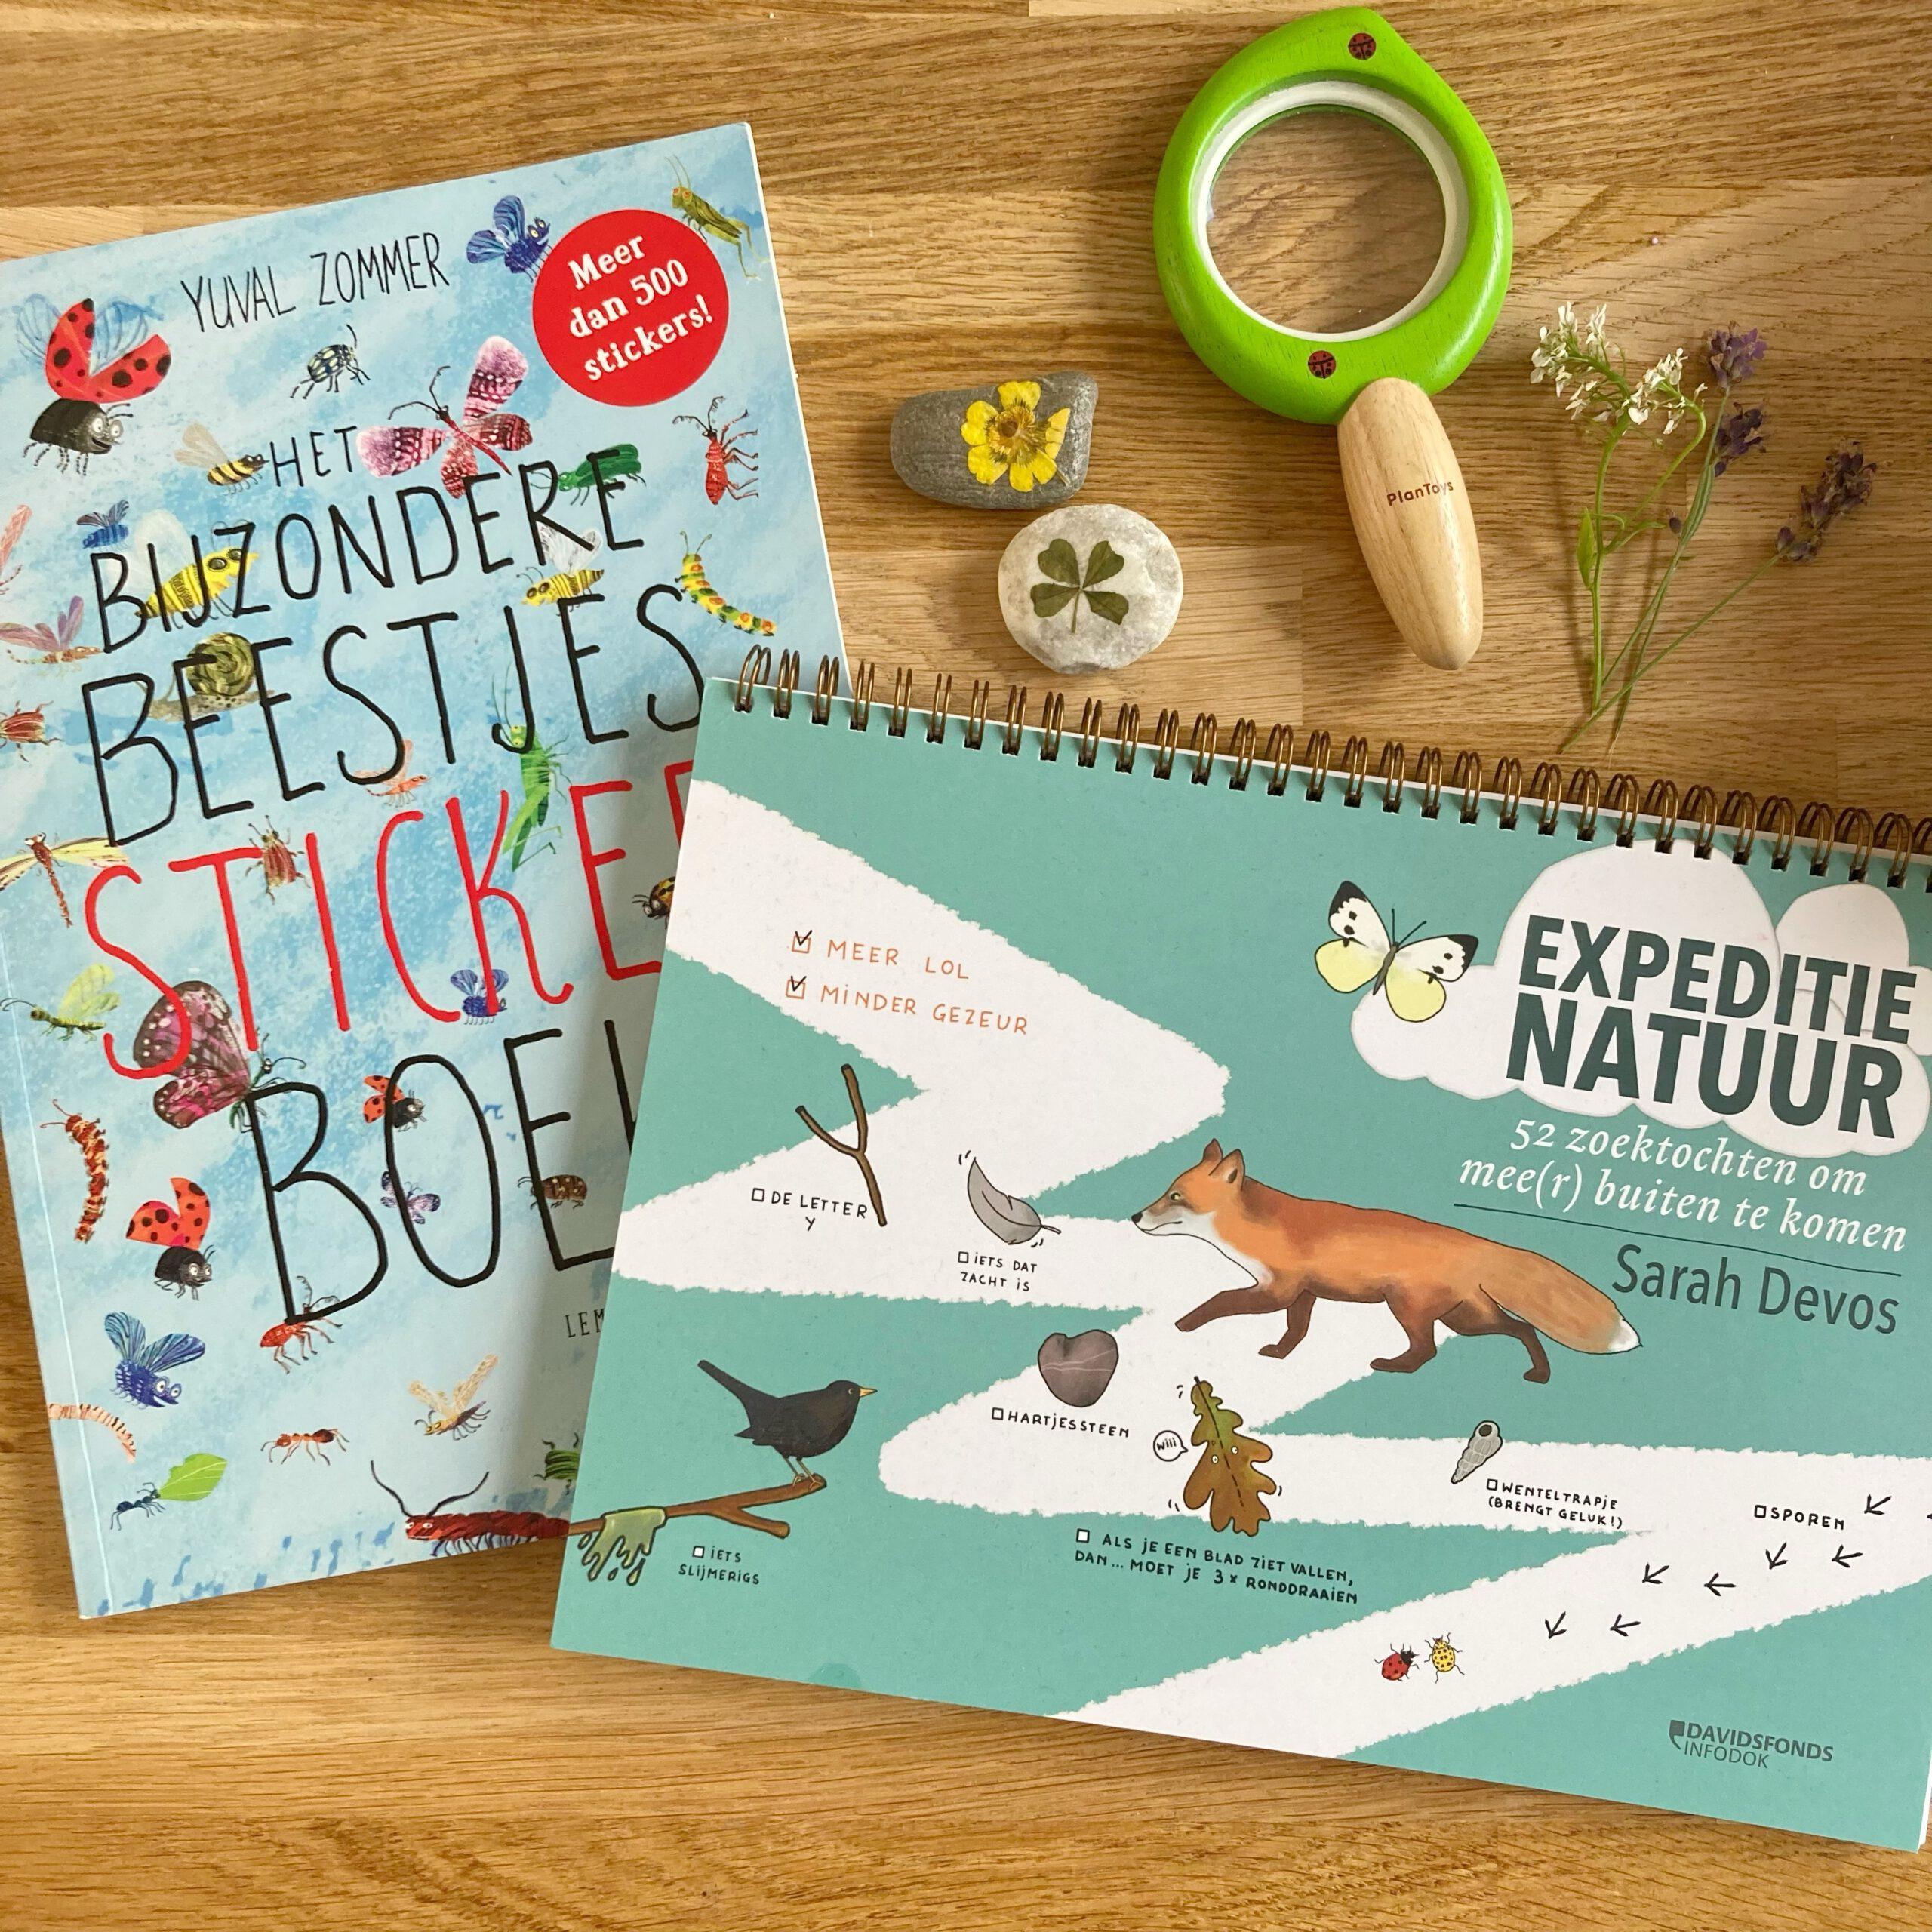 kinderboeken natuur expeditie natuur bijzondere beestjes